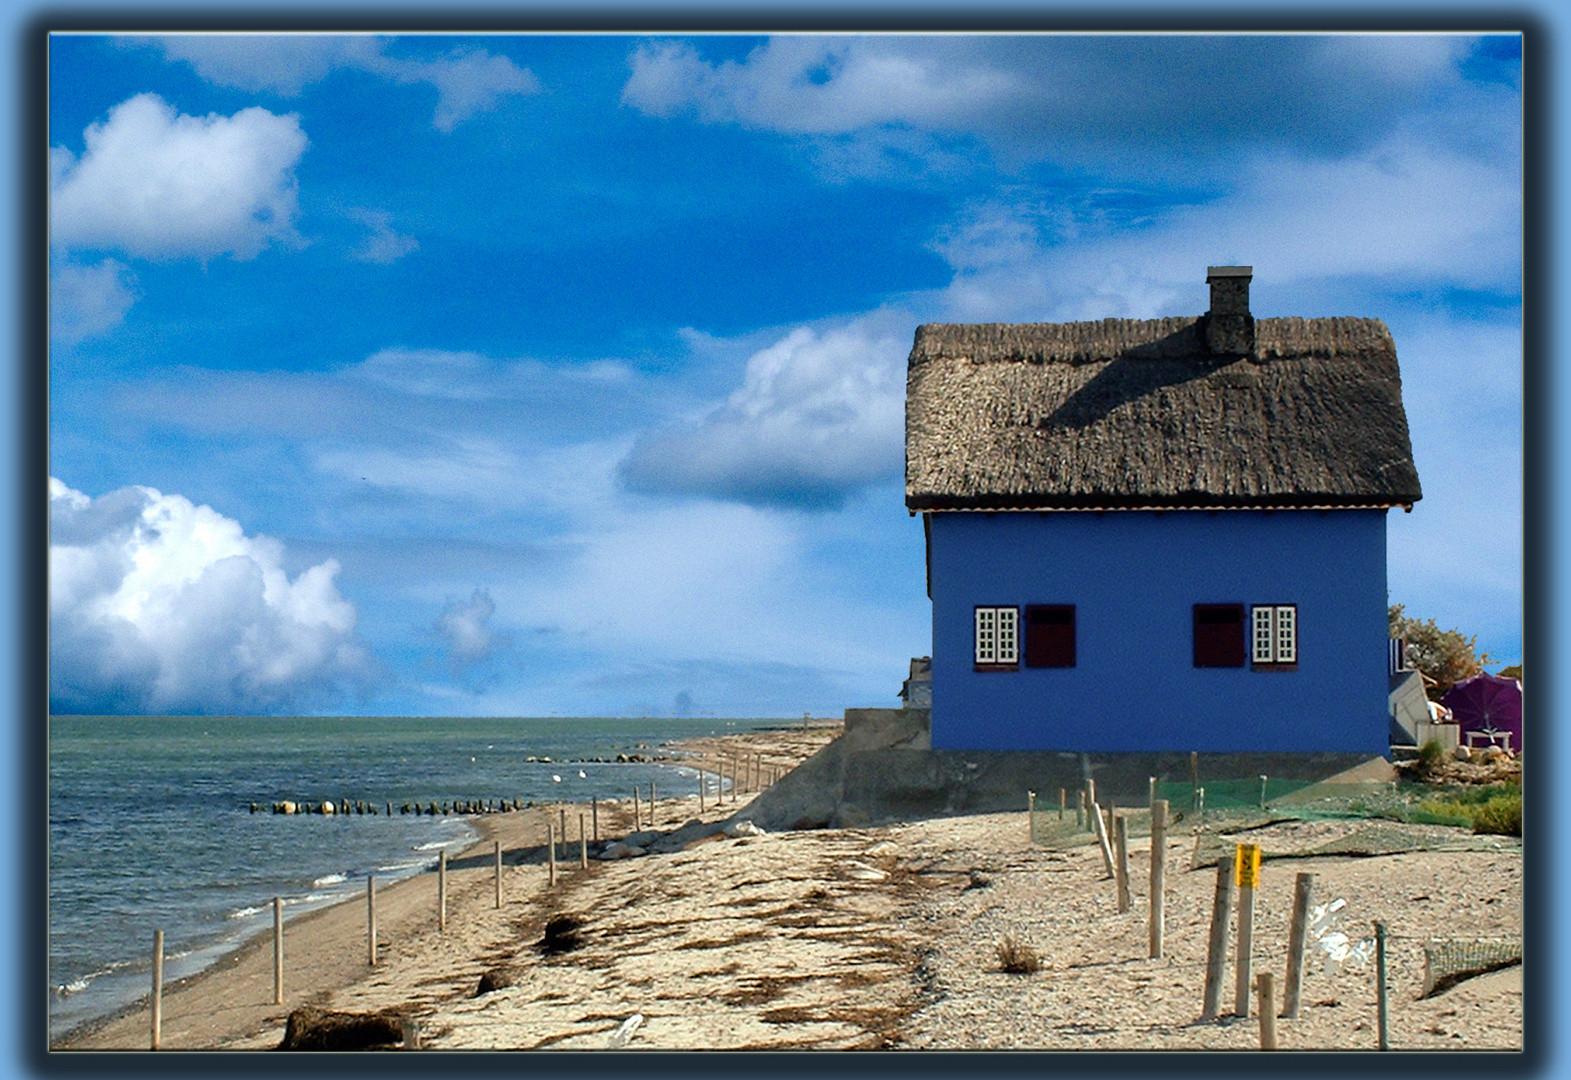 Das Blaue Haus  Das blaue Haus an der Ostsee Foto & Bild